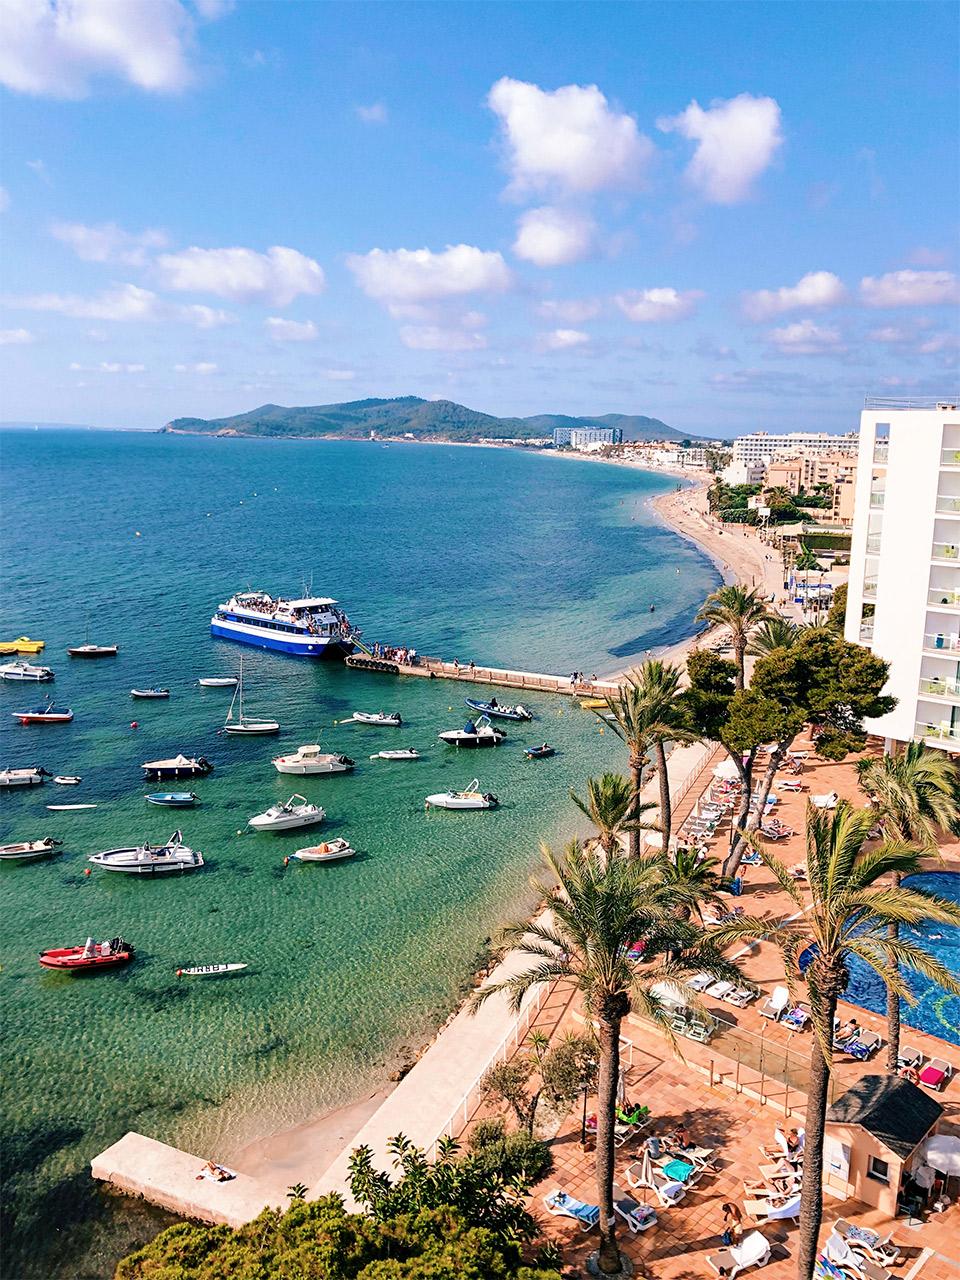 donde-alojarse-en-Ibiza-hoteles-con-mejores-vistas-en-Ibiza-Hotel-Sirenis-Goleta-Spa-en-Ibiza-hoteles-hermosos-en-Ibiza